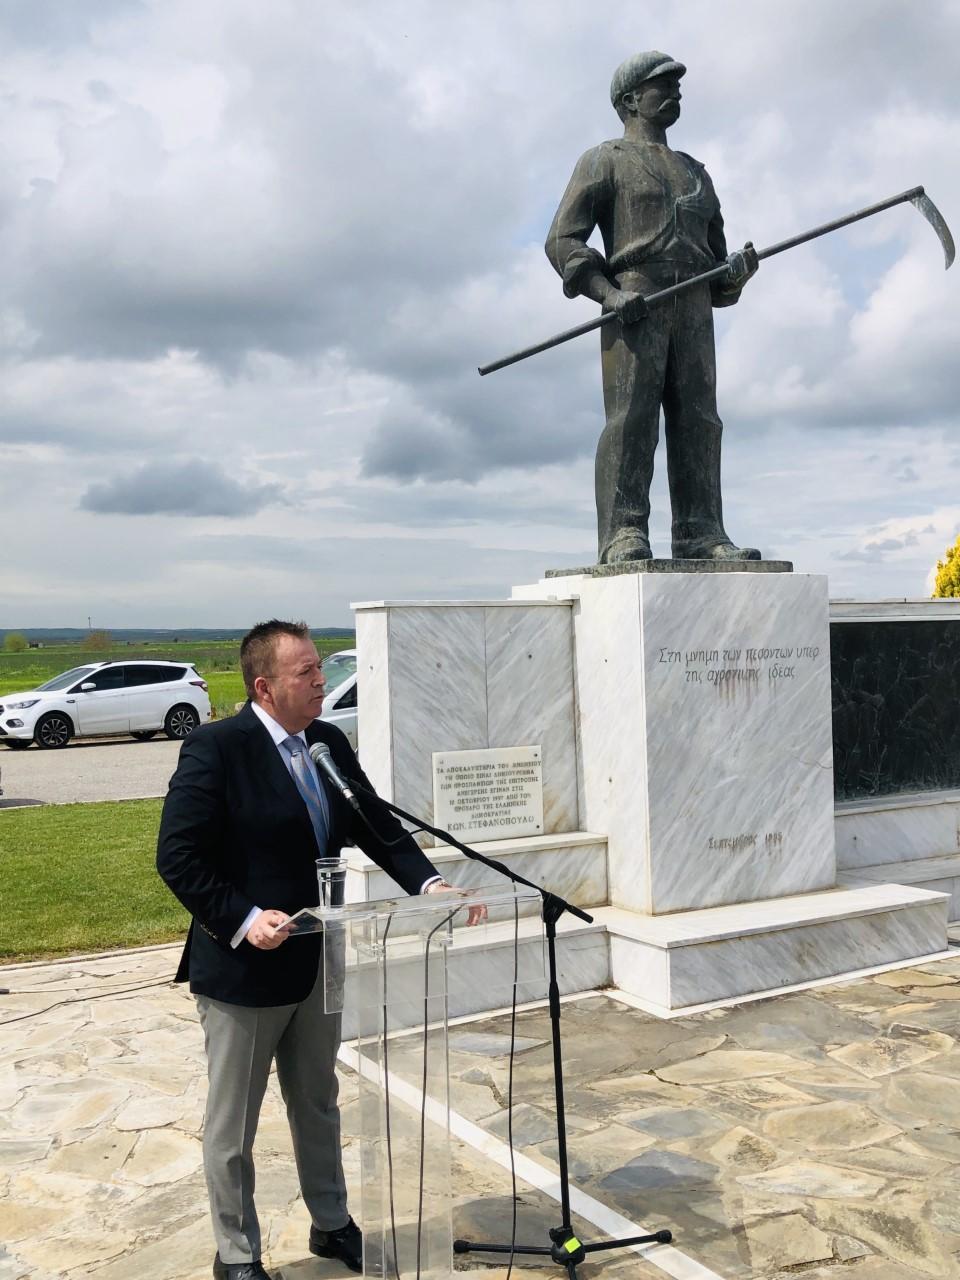 Κόκκαλης στον εορτασμό του Κιλελέρ: Κερδίσαμε σημαντικές μάχες για τον αγροτικό κόσμο